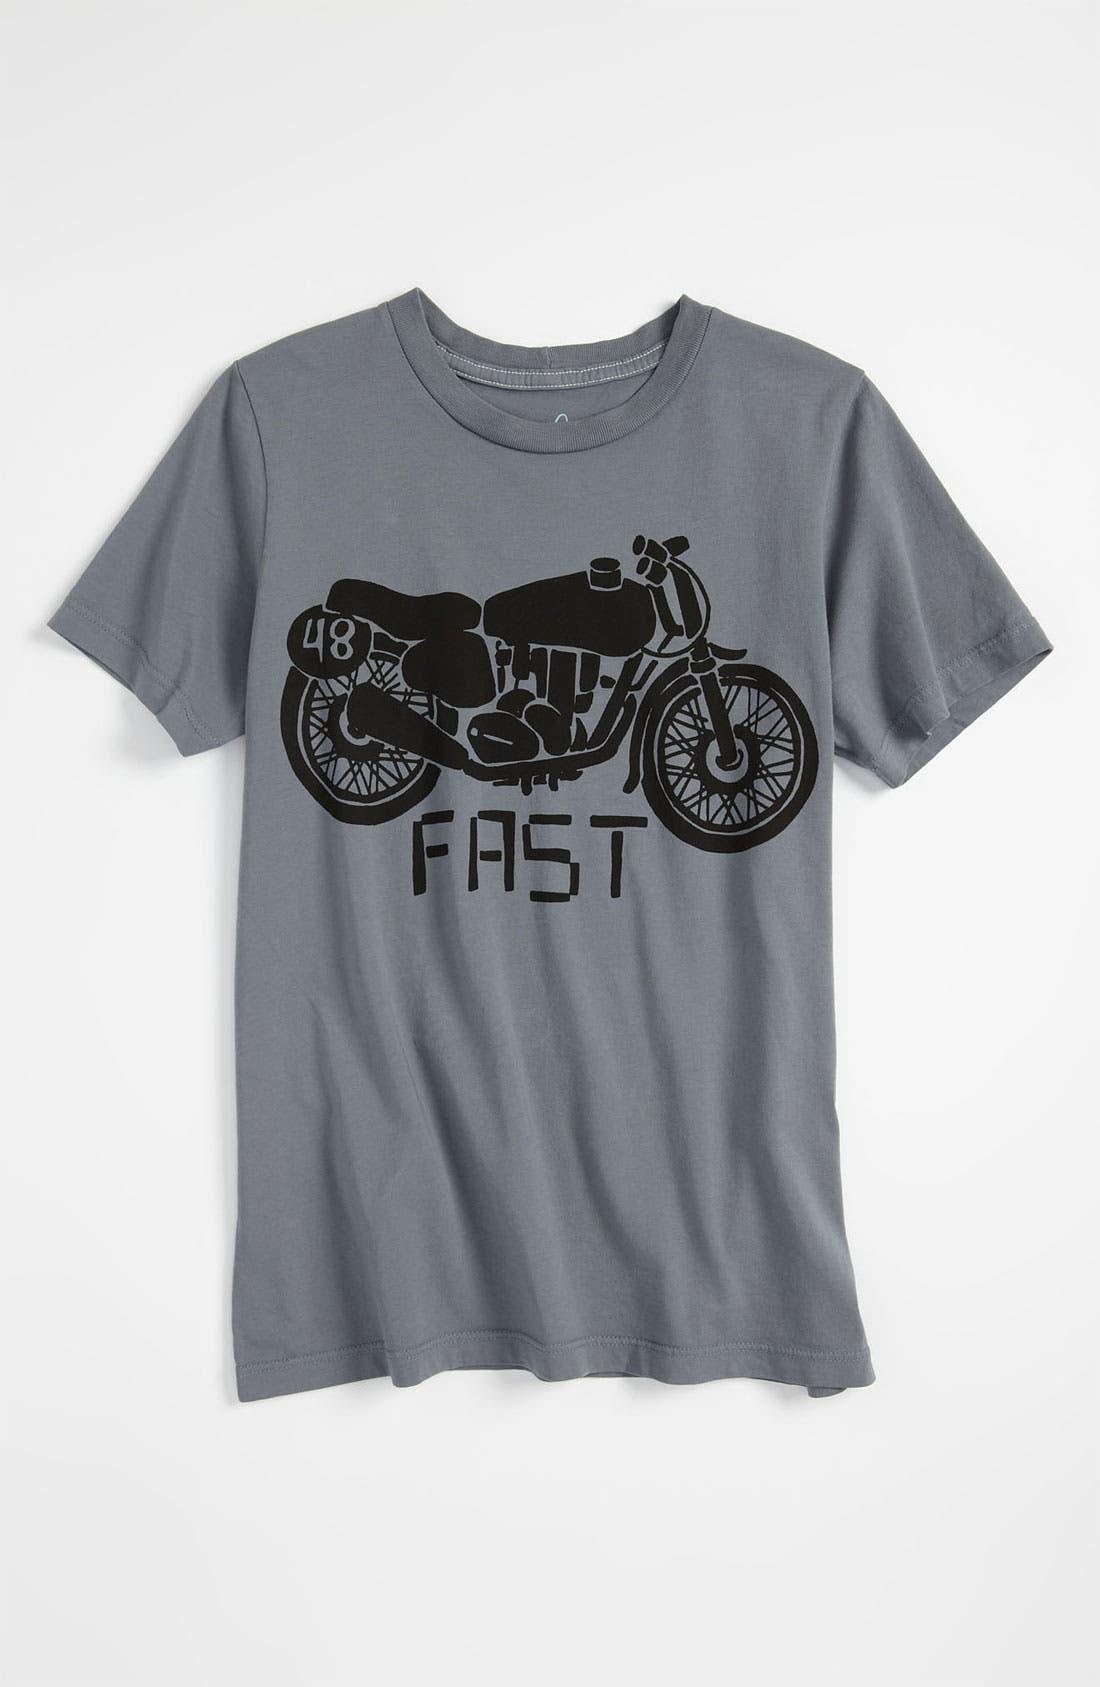 Main Image - Peek 'Motorcycle' T-Shirt (Toddler, Little Boys & Big Boys)